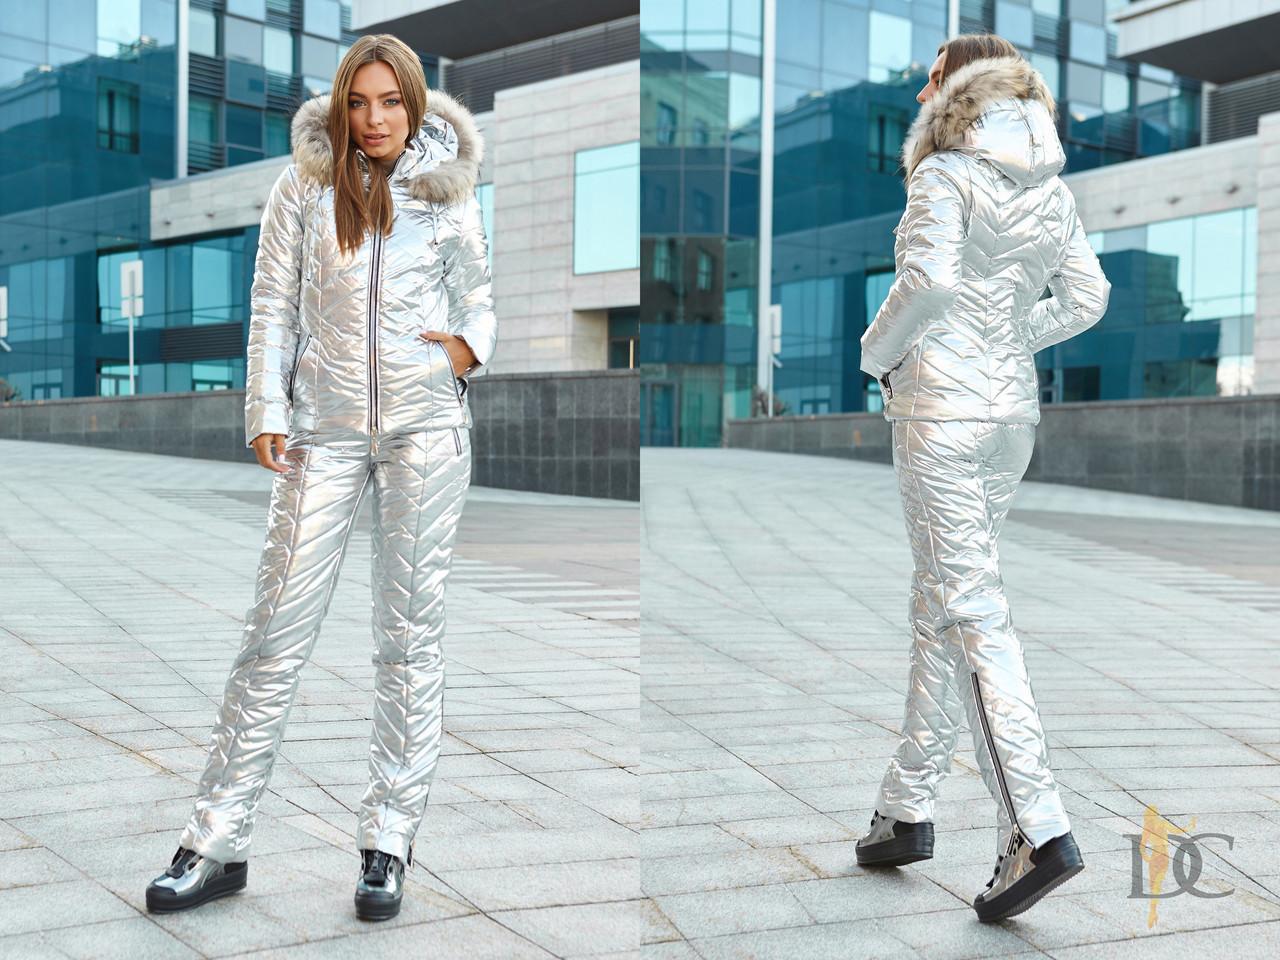 Женский зимний лыжный костюм Металлик в расцветках с капюшоном tez310823